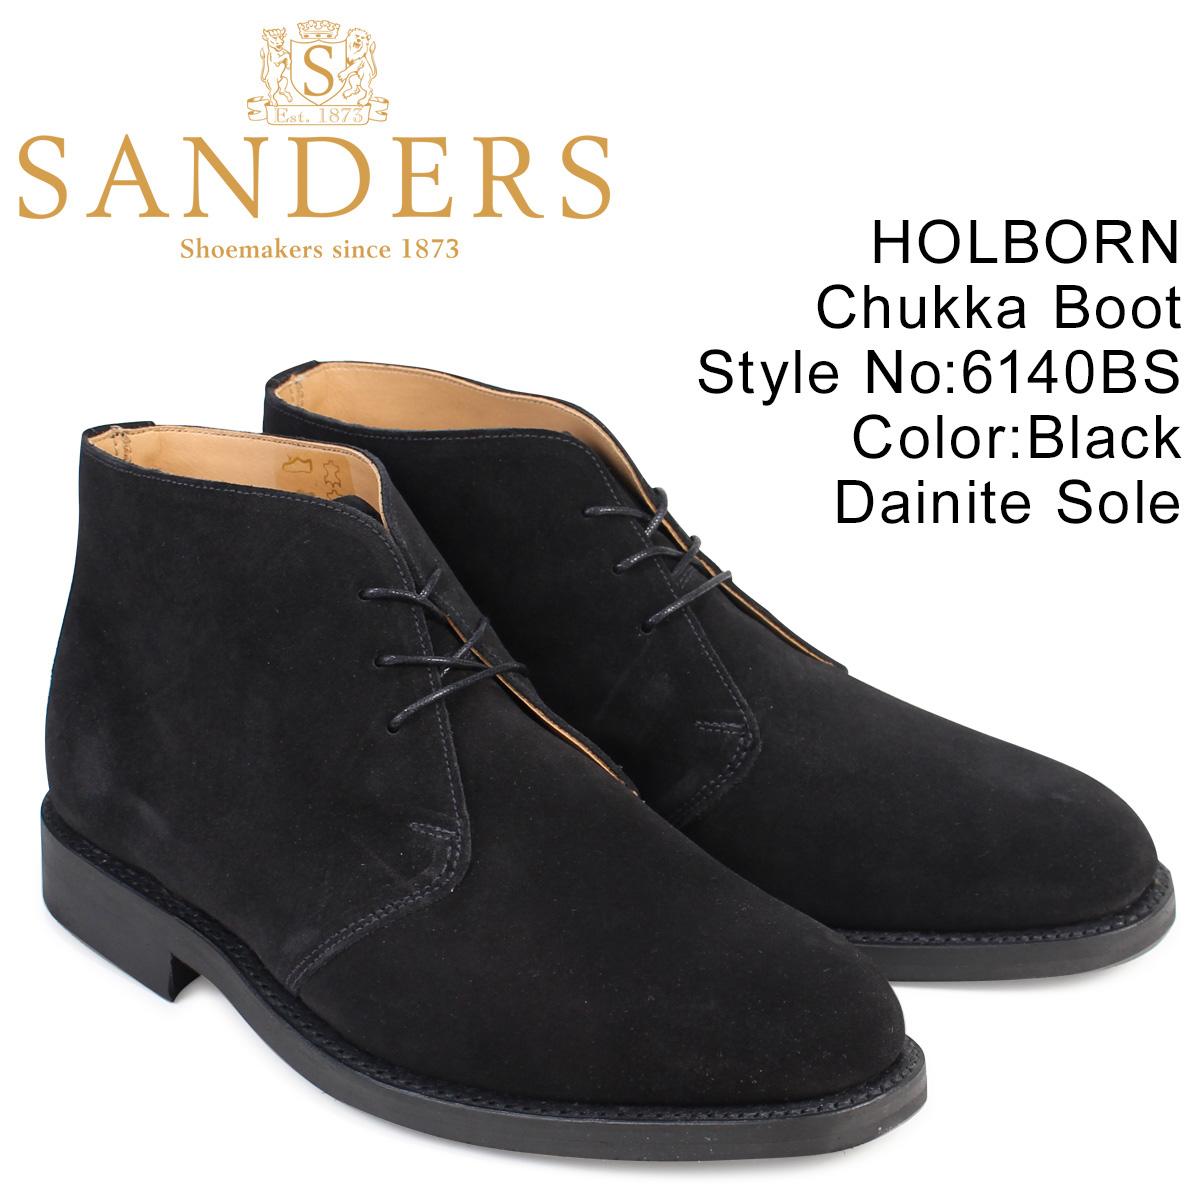 サンダース SANDERS ミリタリー チャッカブーツ ビジネス HOLBORN 6140BS メンズ ブラック